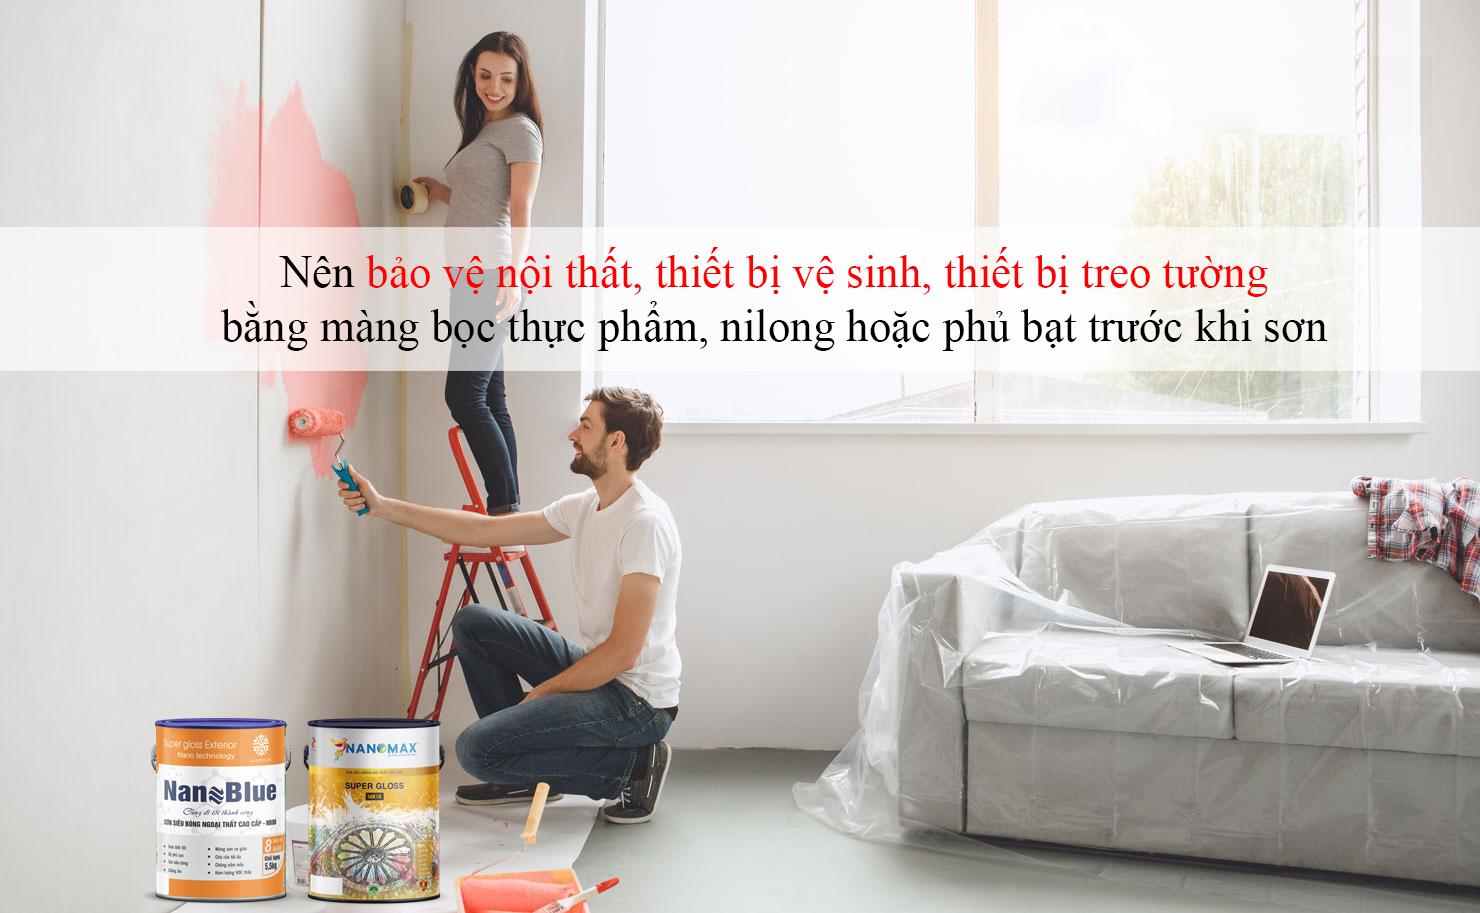 hình ảnh hai vợ chồng đang sơn lại nhà